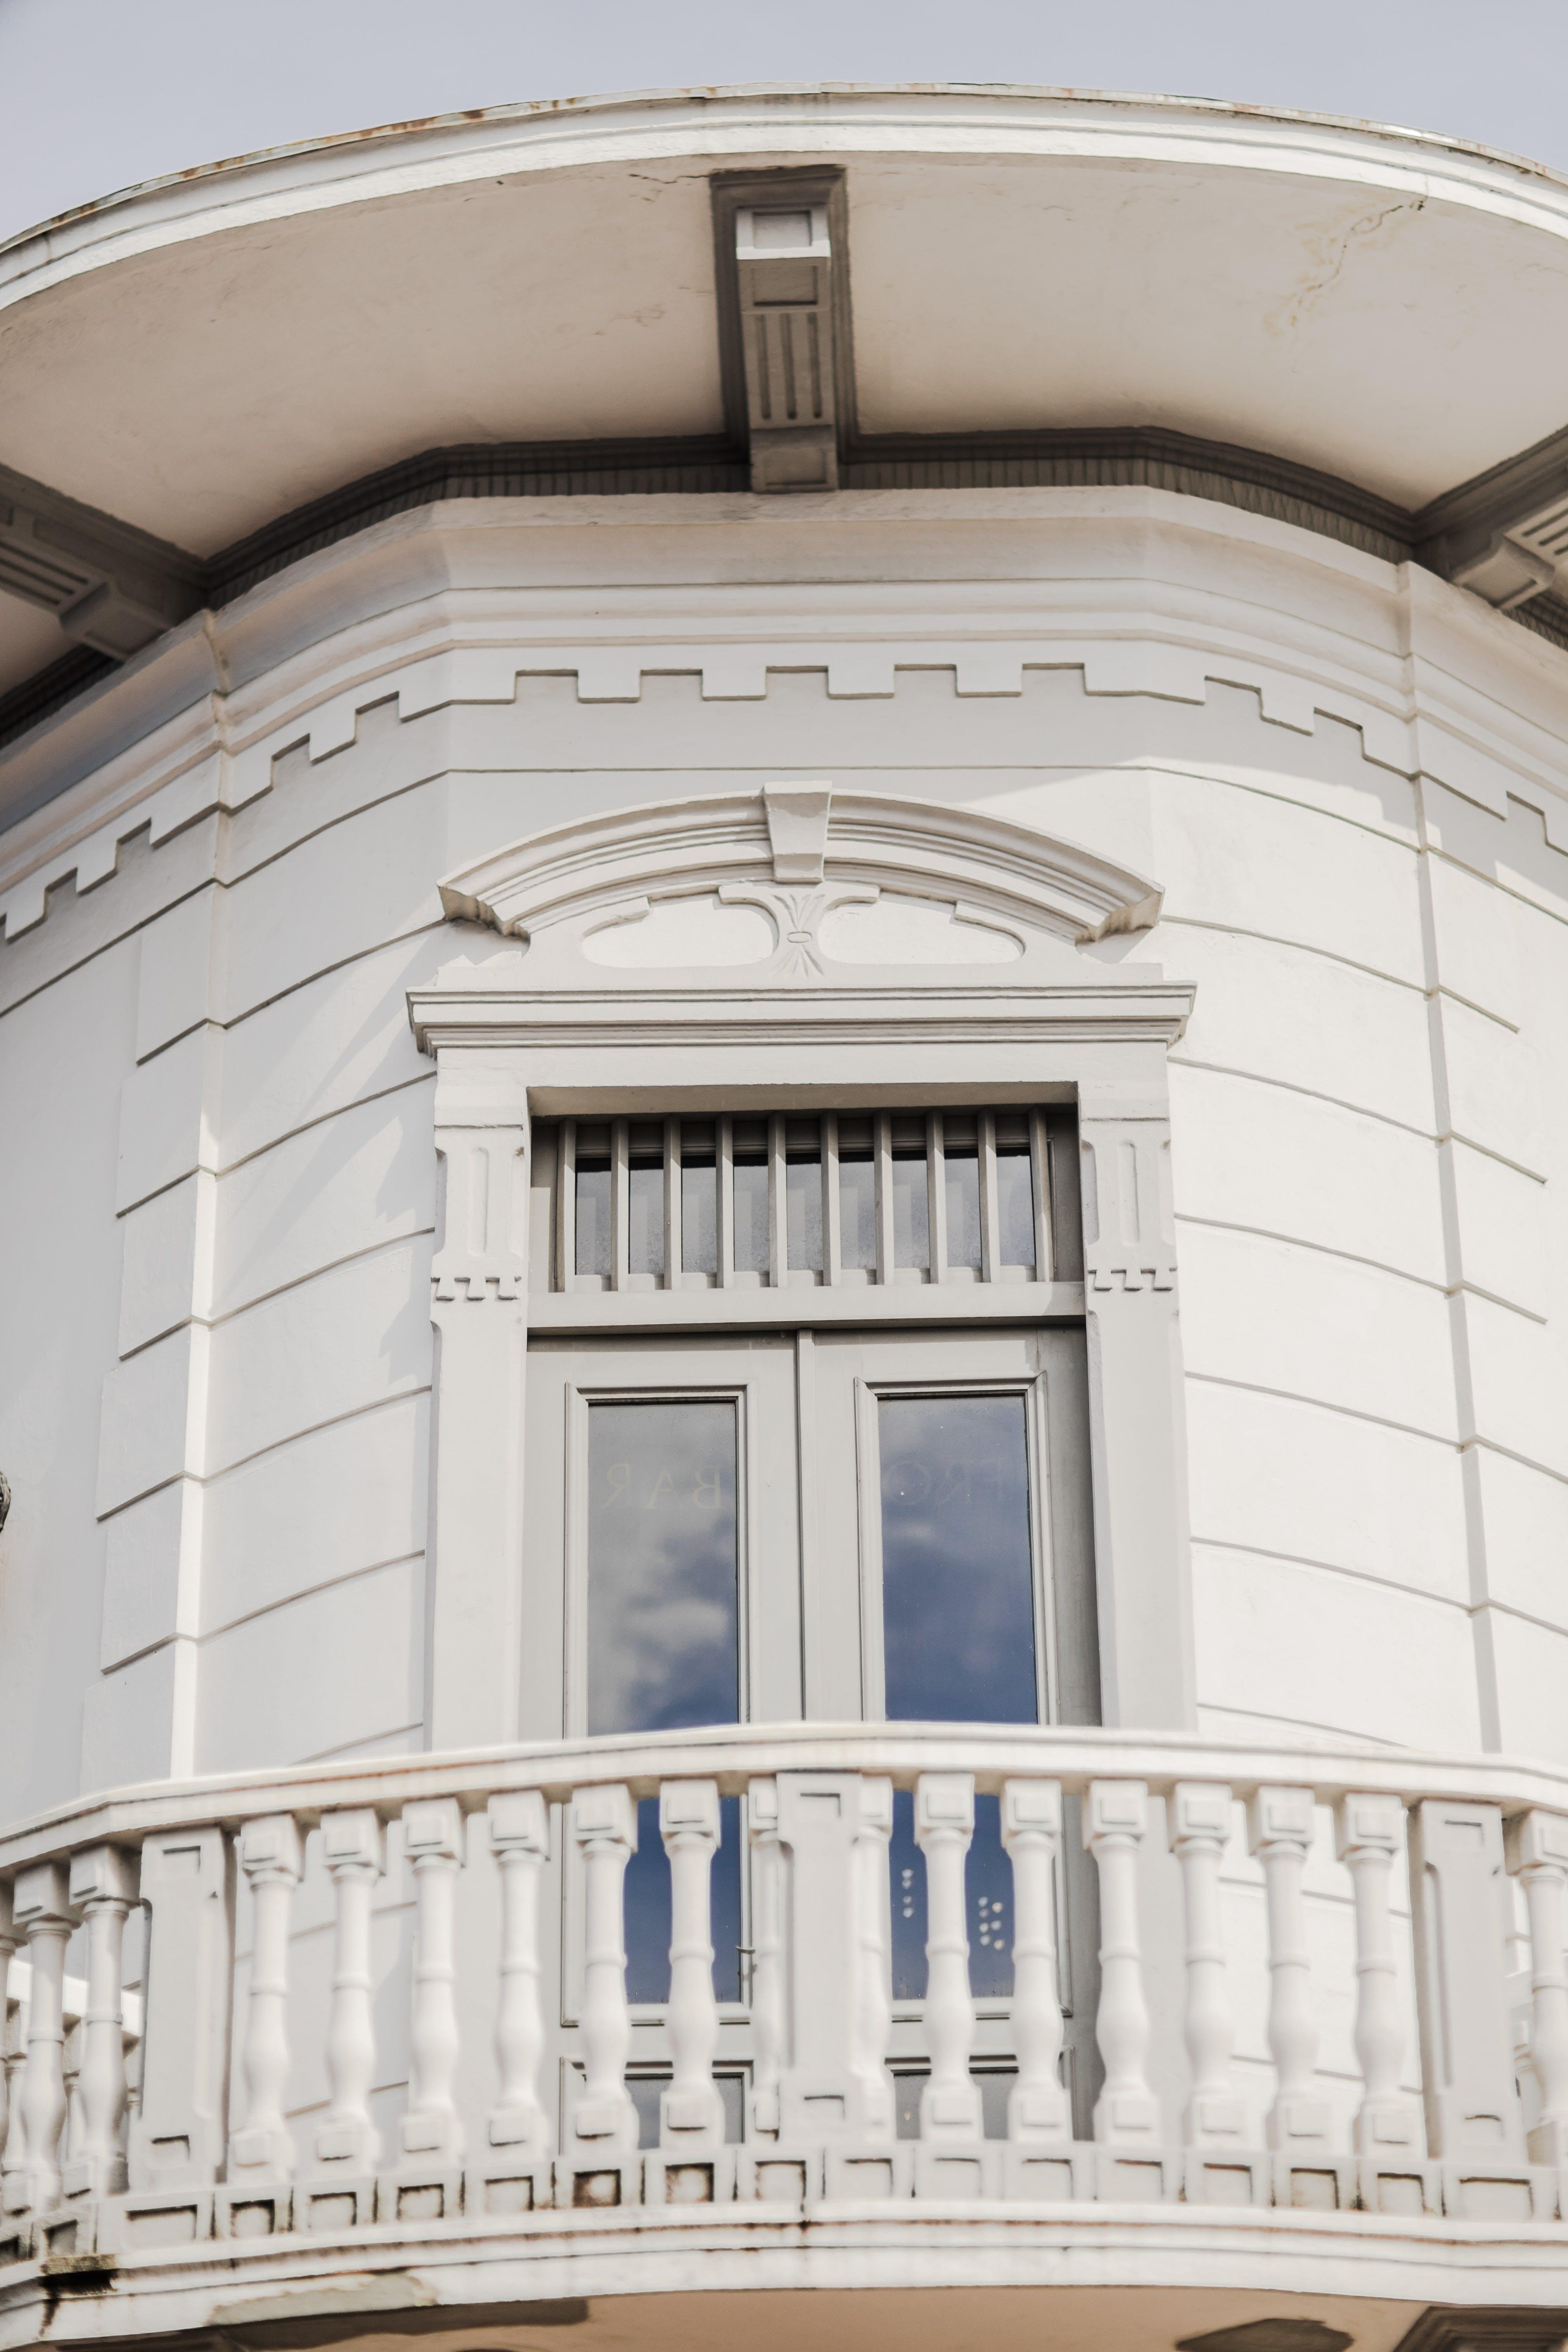 Kostenloses Stock Foto zu bogenfenster, fensterscheibe, gebäude, himmel